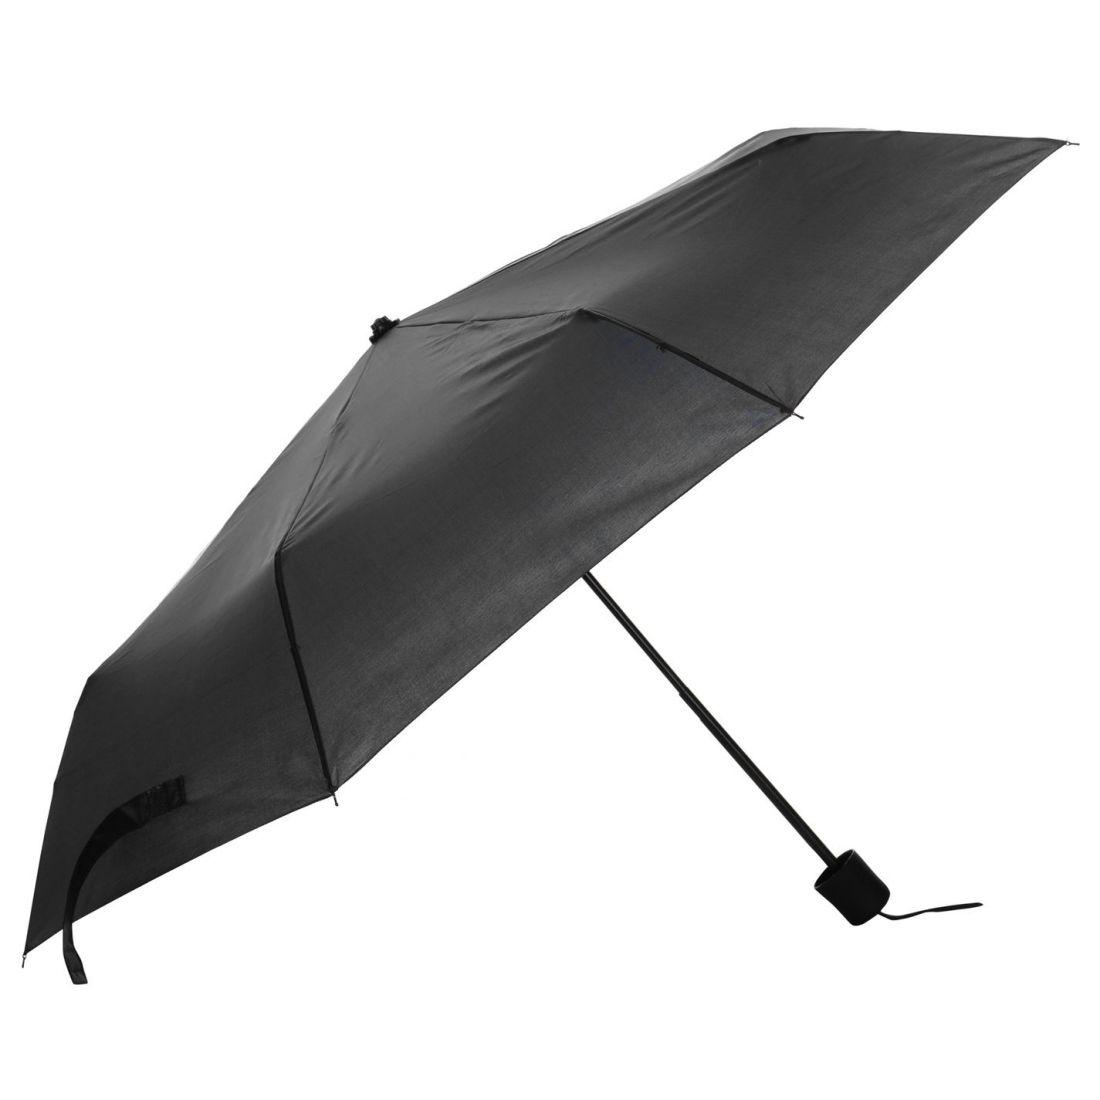 FleißIg Slazenger Web Fold Umbrella 00 Unisex Im In- Und Ausland FüR Exquisite Verarbeitung, Gekonntes Stricken Und Elegantes Design BerüHmt Zu Sein